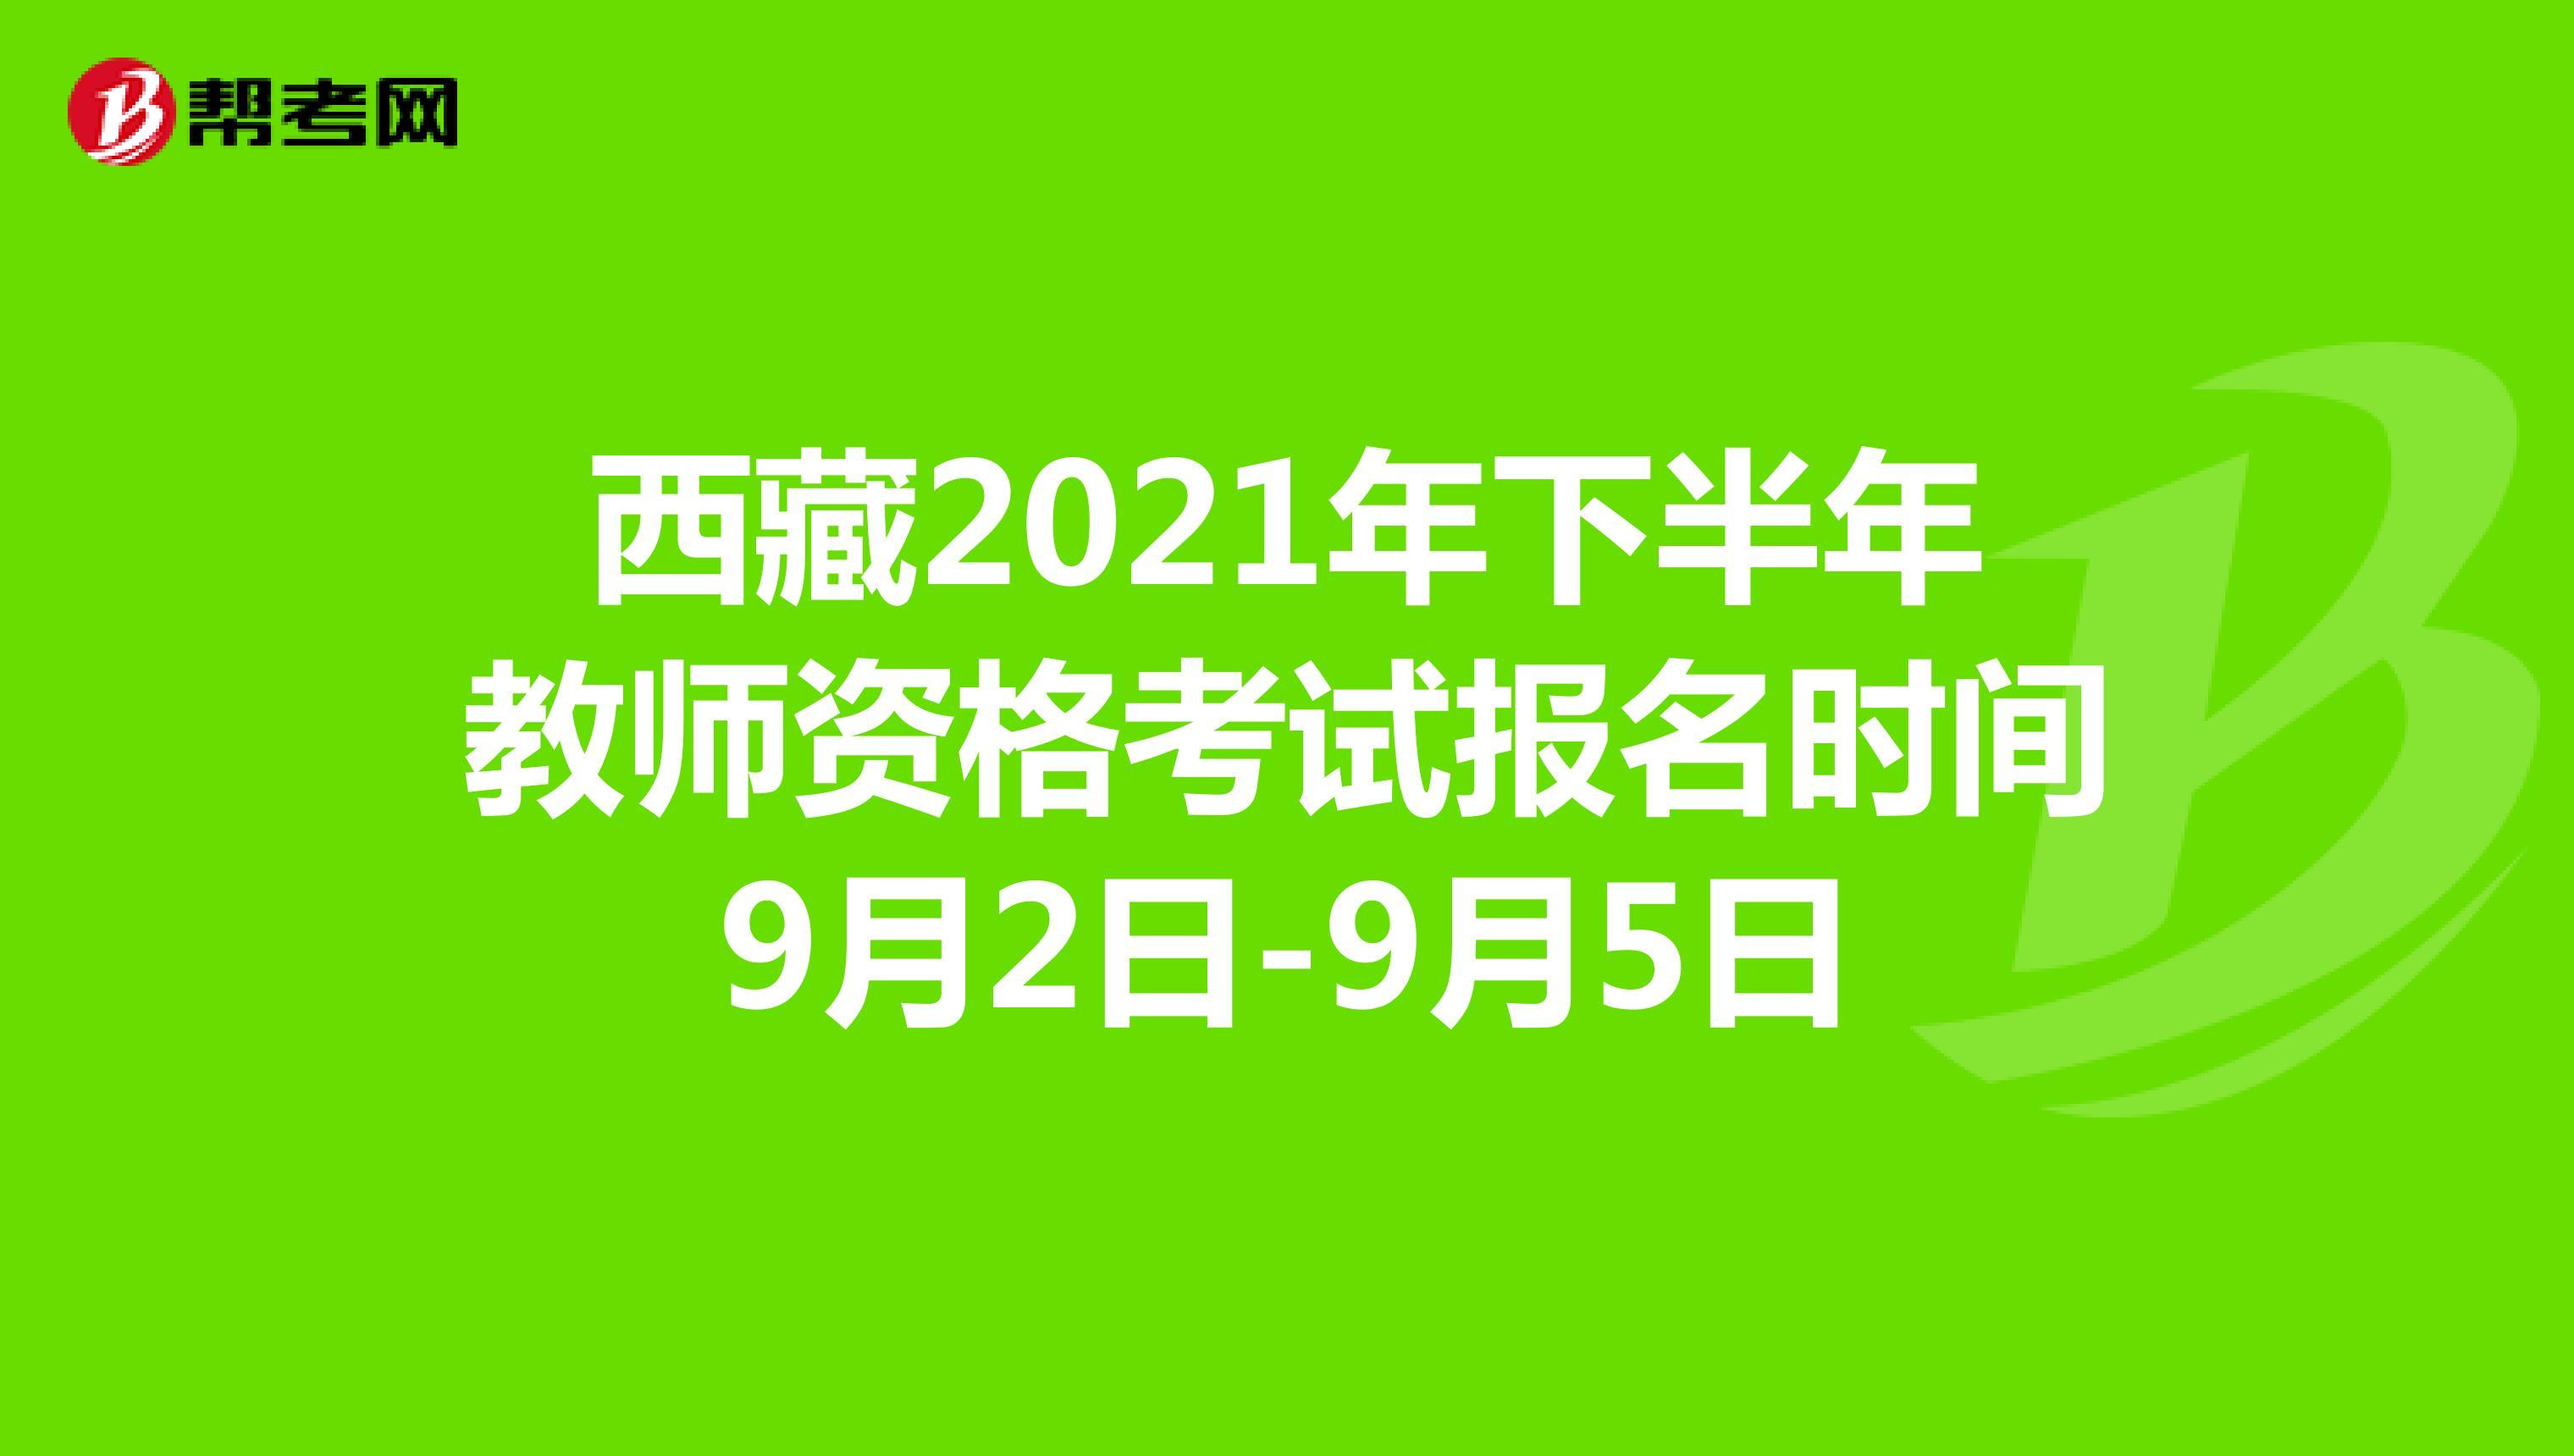 西藏2021年下半年教师资格考试报名时间9月2日-9月5日